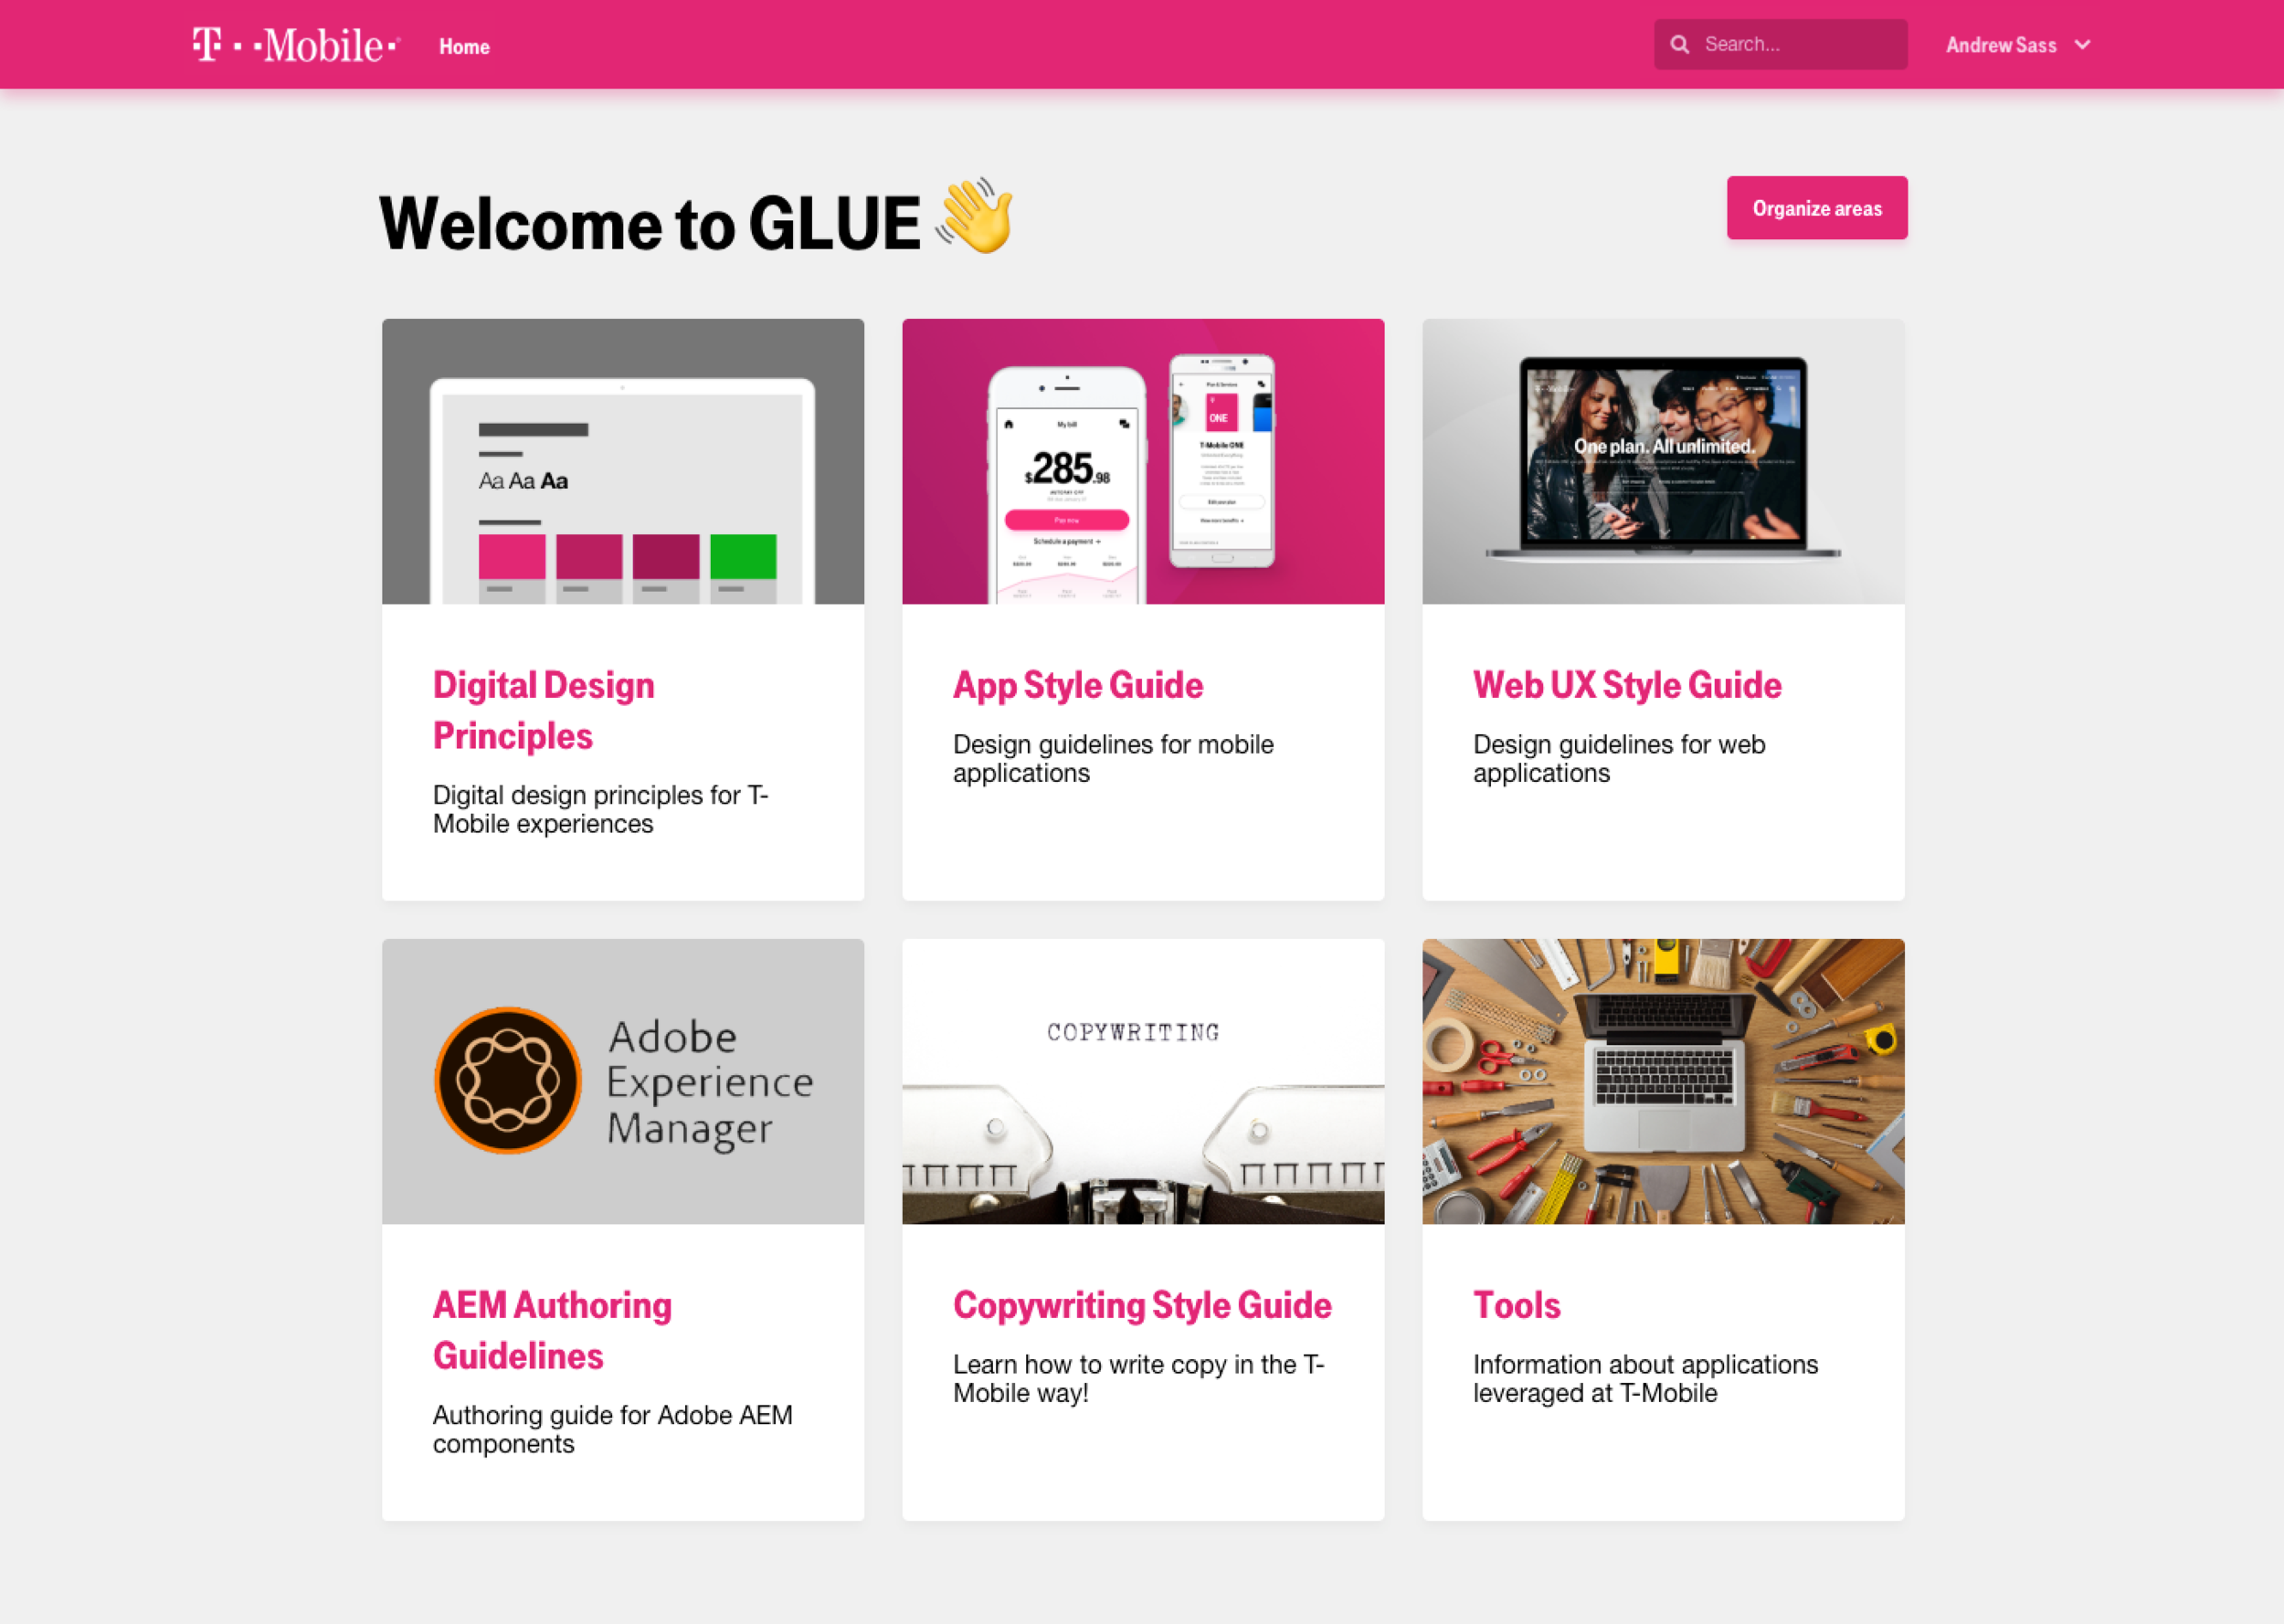 GLUE Homepage